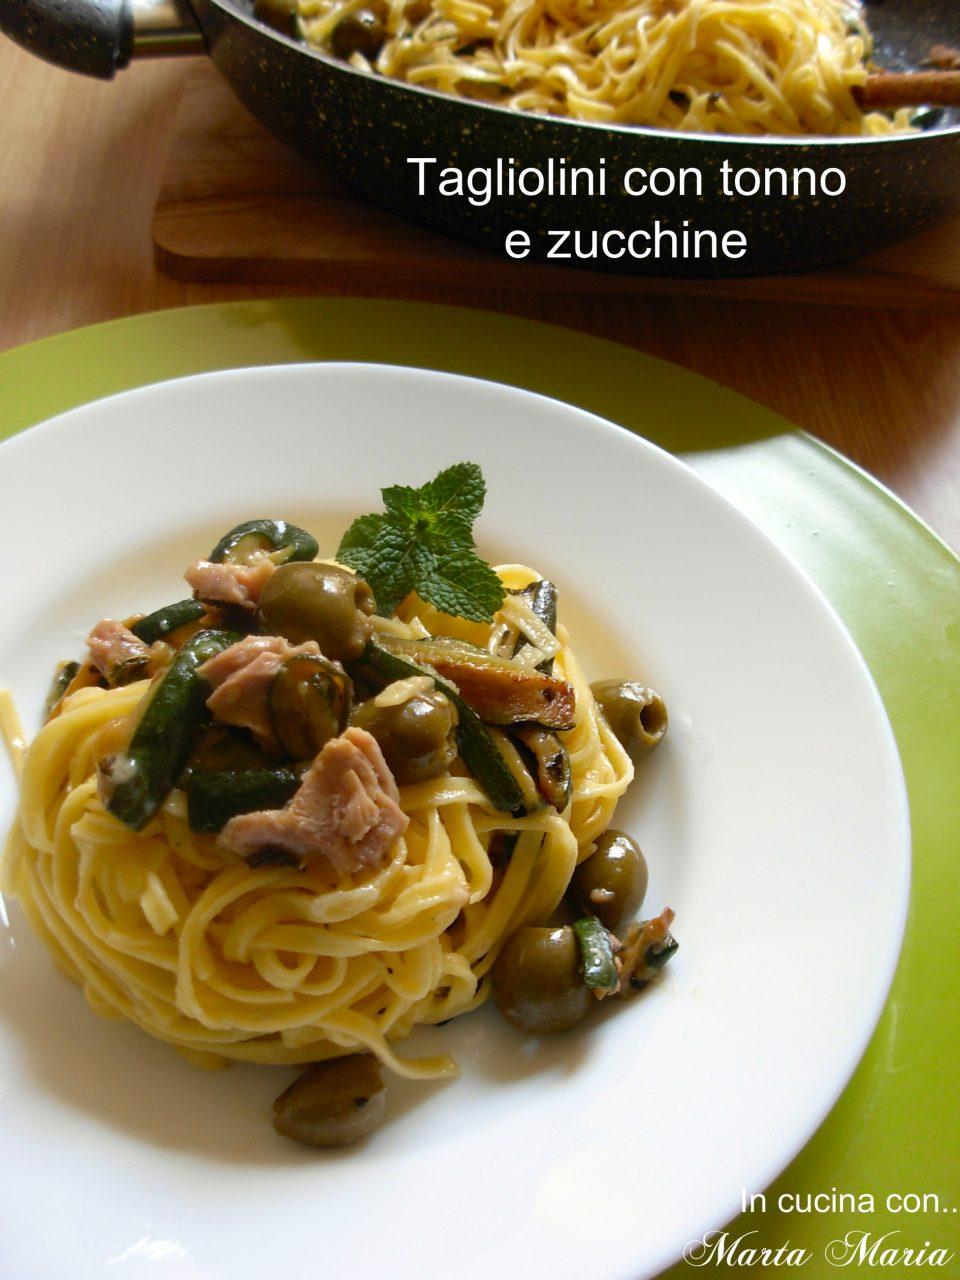 tagliolini con tonno zucchine